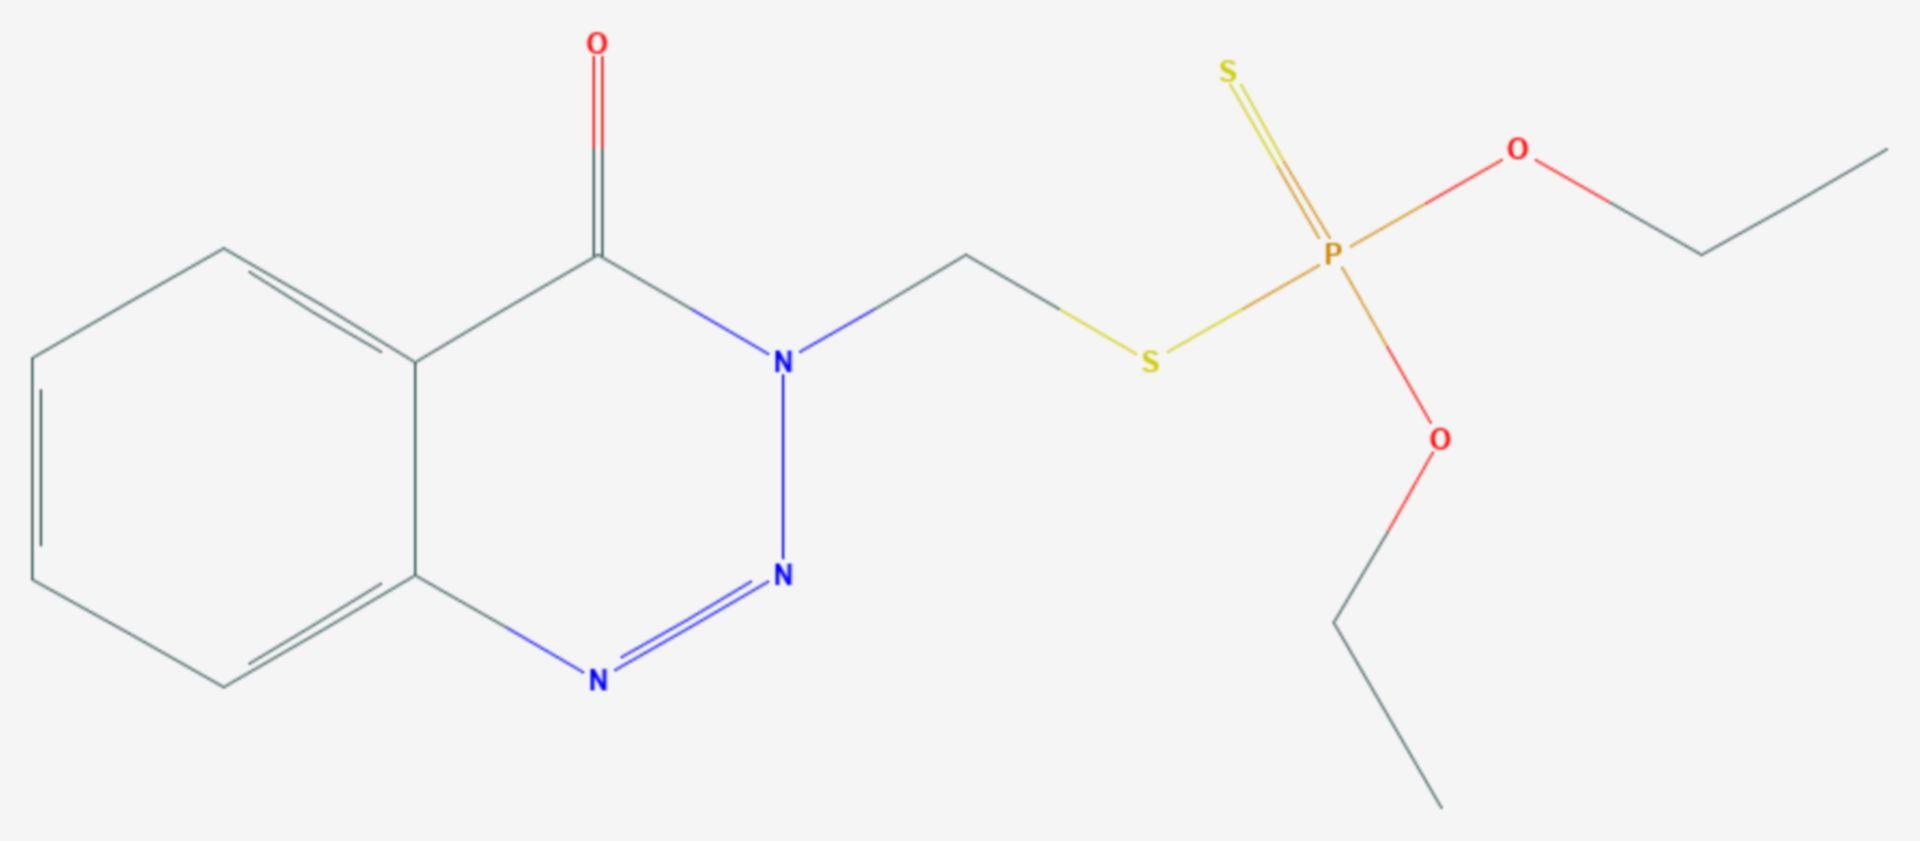 Azinphos-ethyl (Strukturformel)